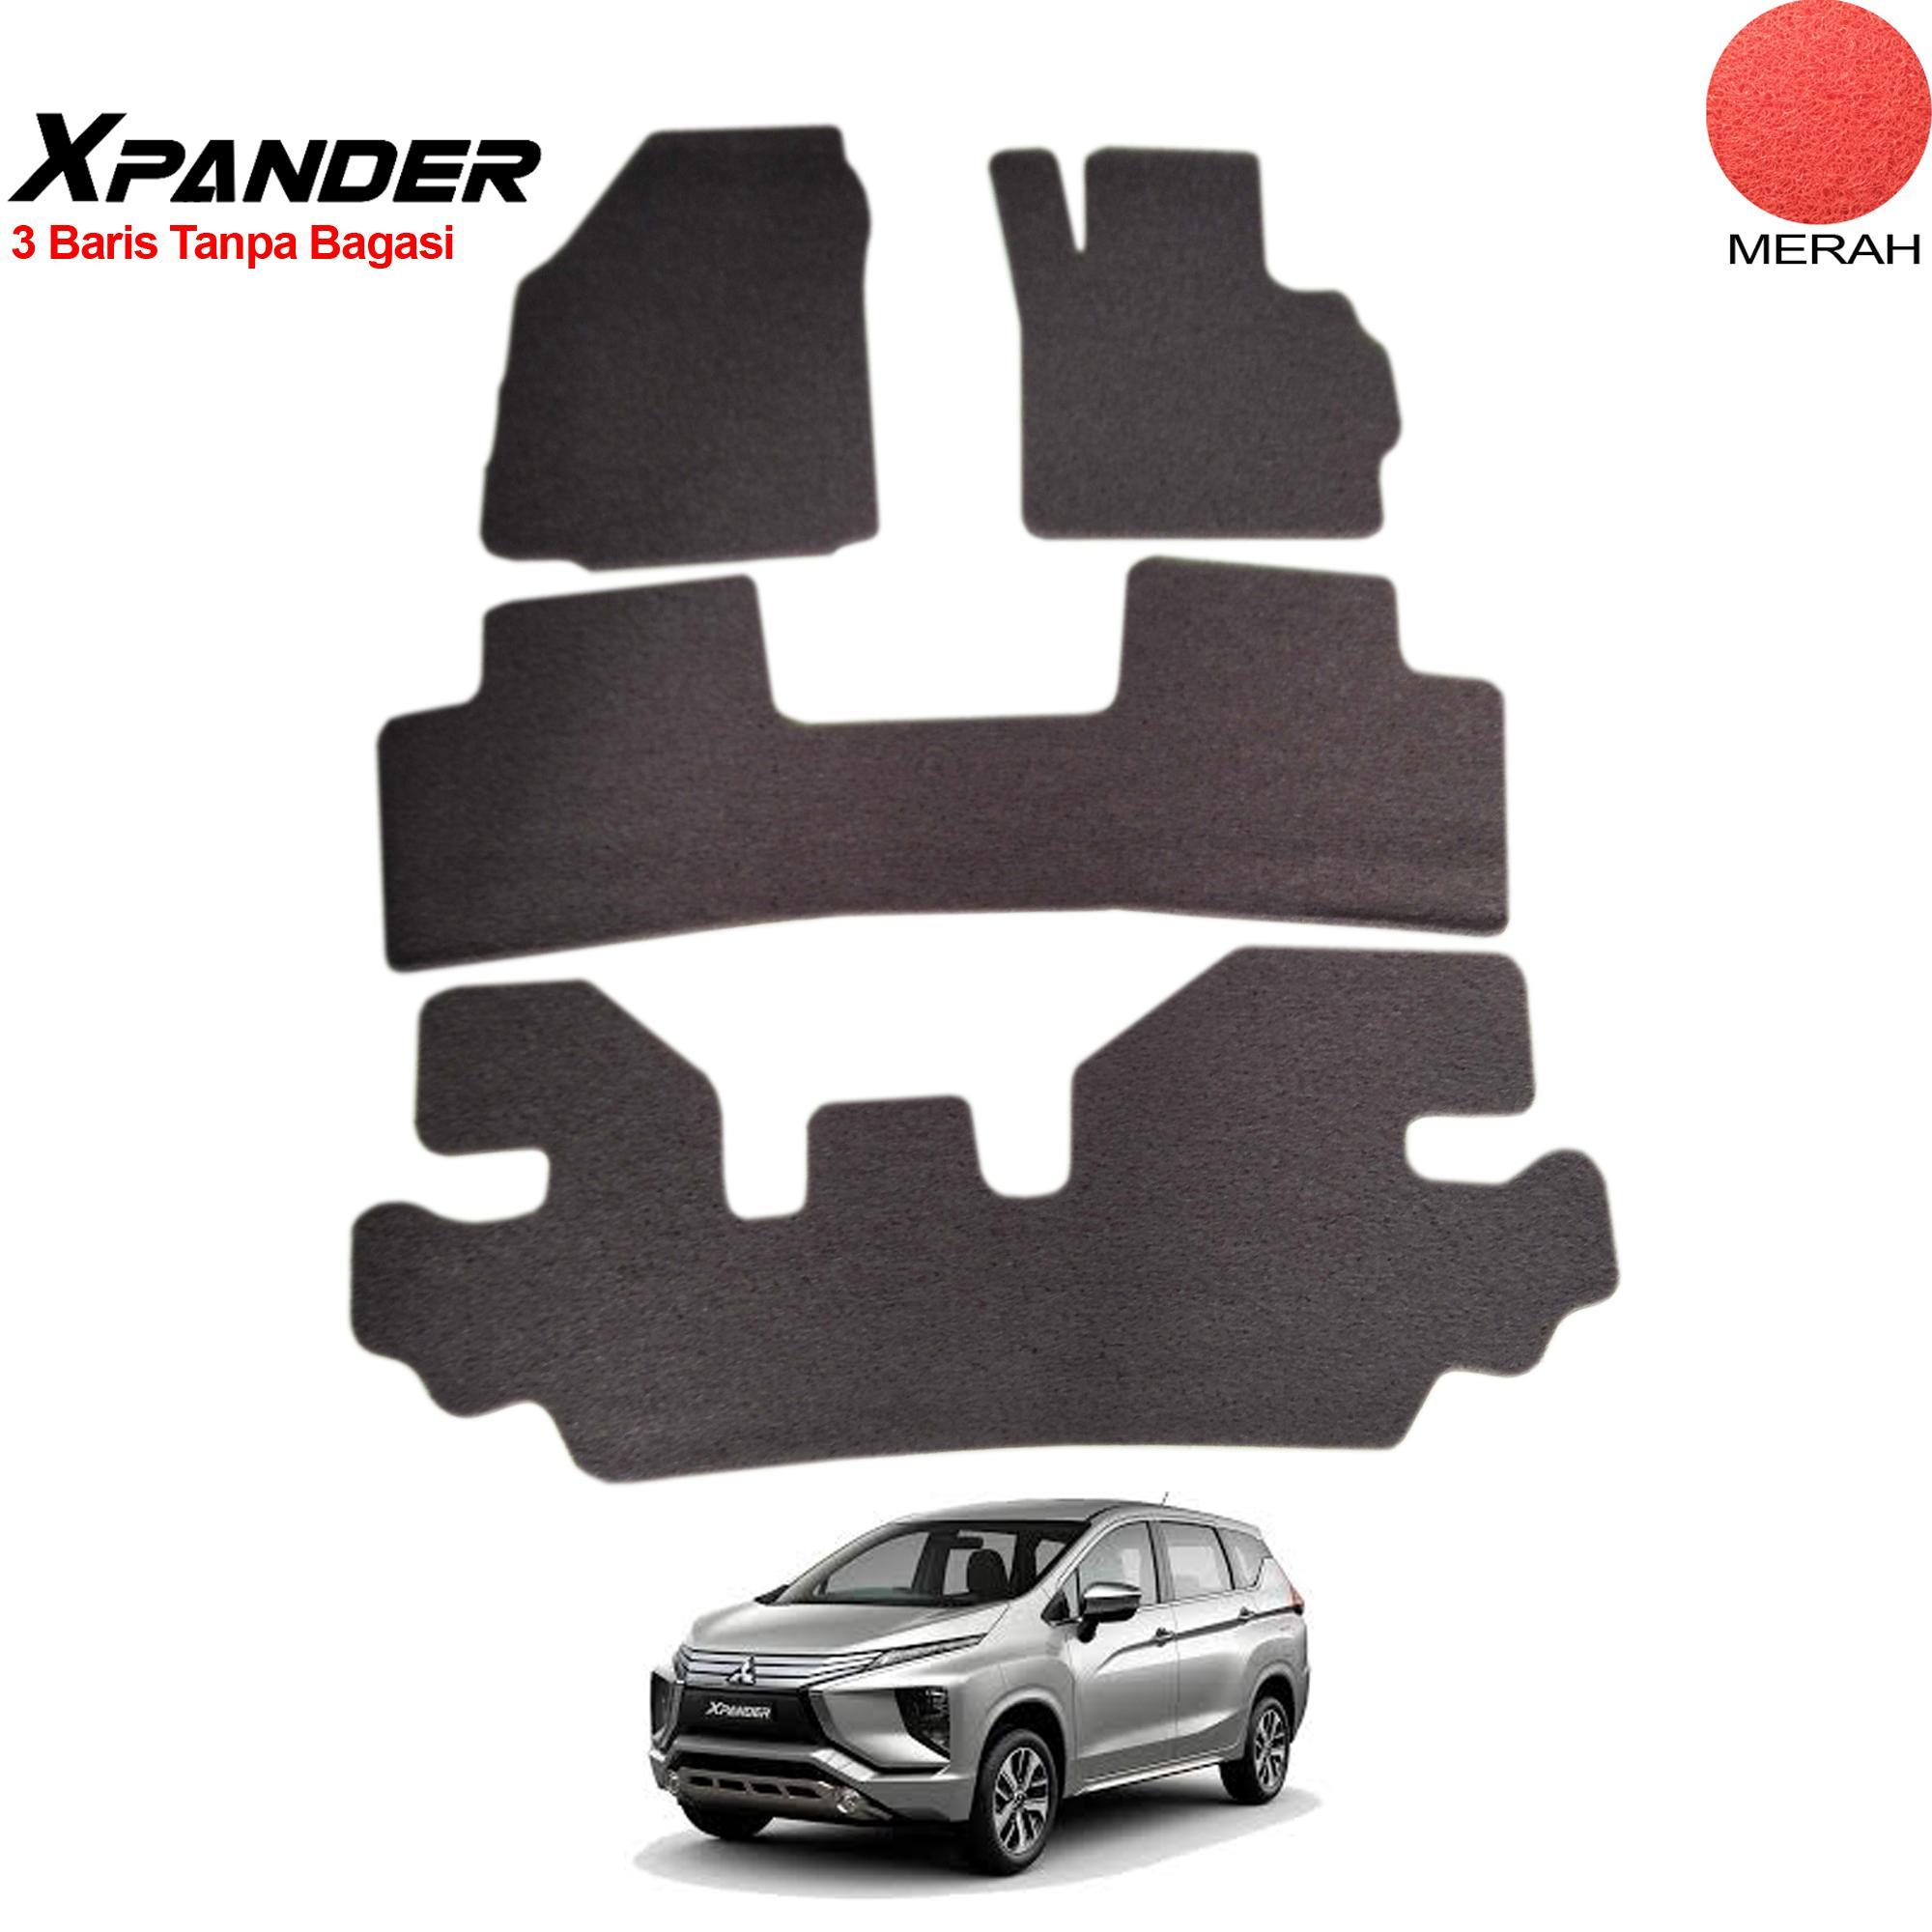 Kehebatan Aksesoris Mobil Mitsubishi Xpander List Kaca Samping Depan Karmob Karpet Mie Karet Lantai